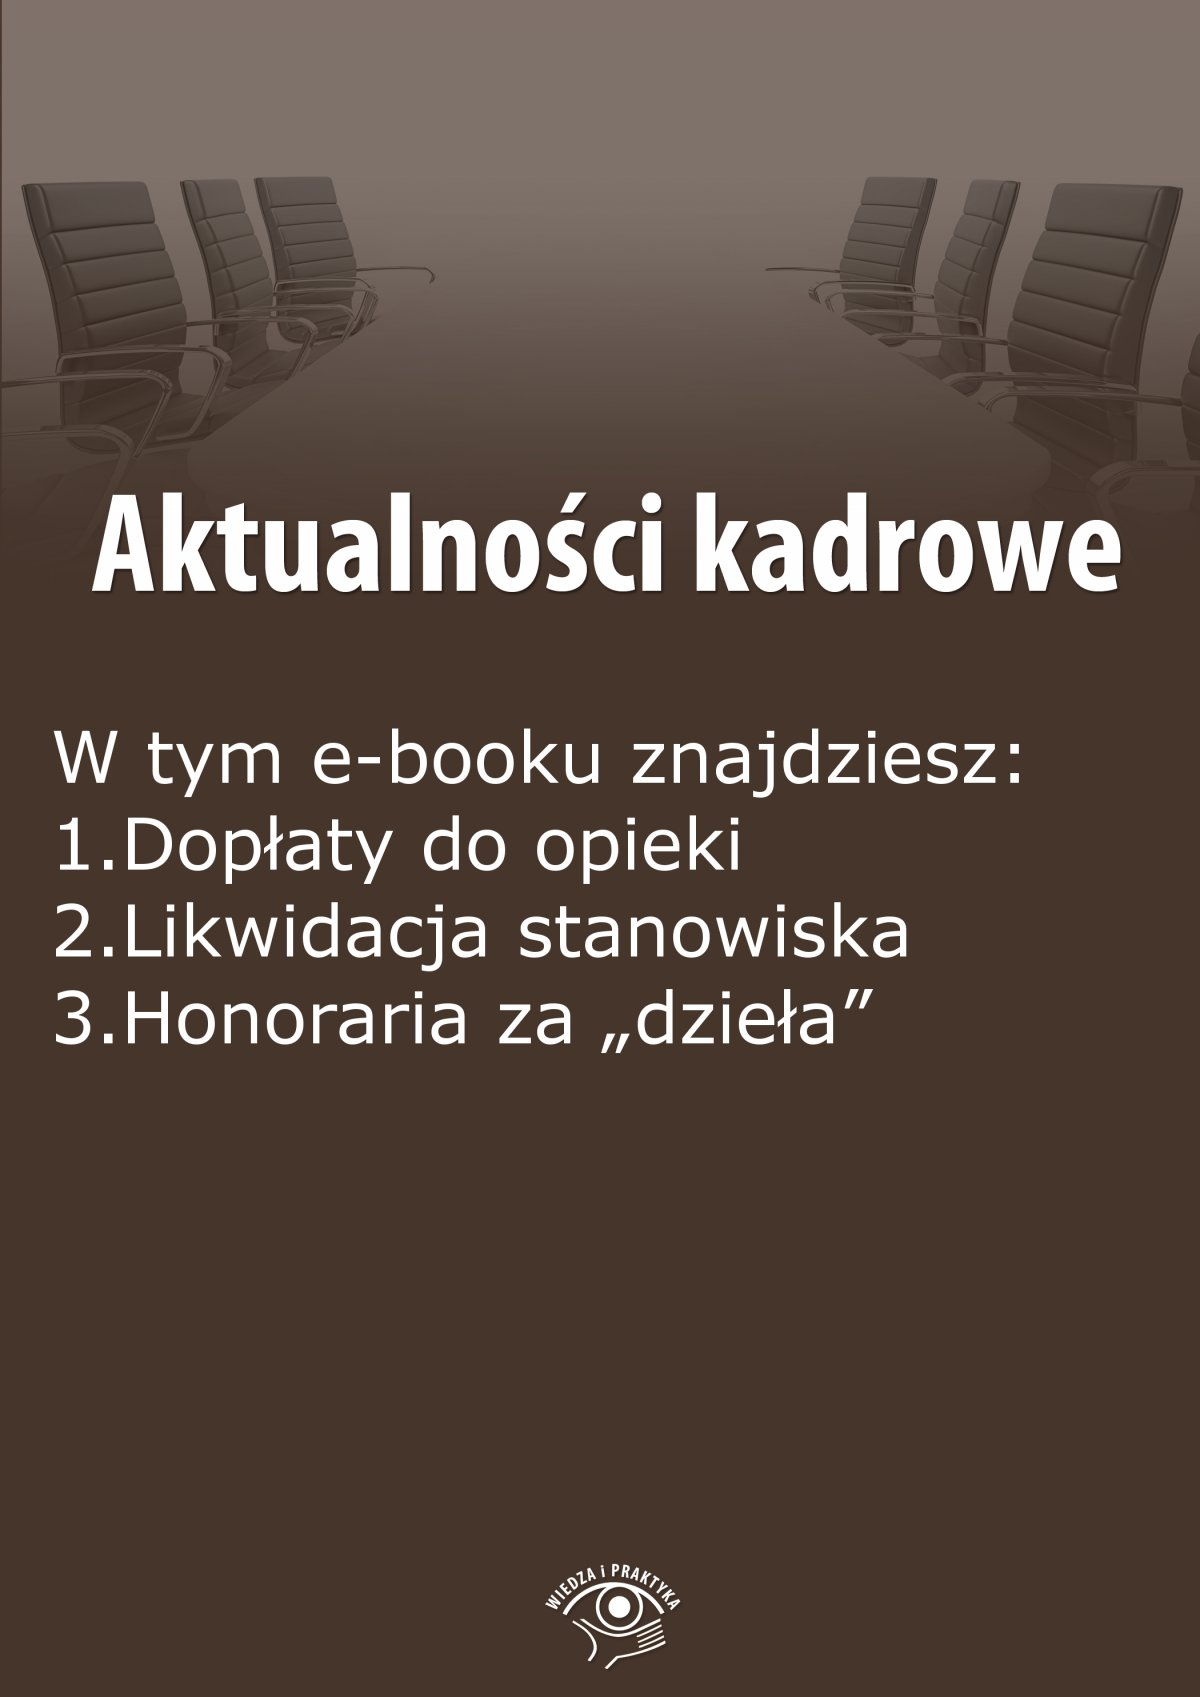 Aktualności kadrowe, wydanie lipiec 2015 r. - Ebook (Książka EPUB) do pobrania w formacie EPUB